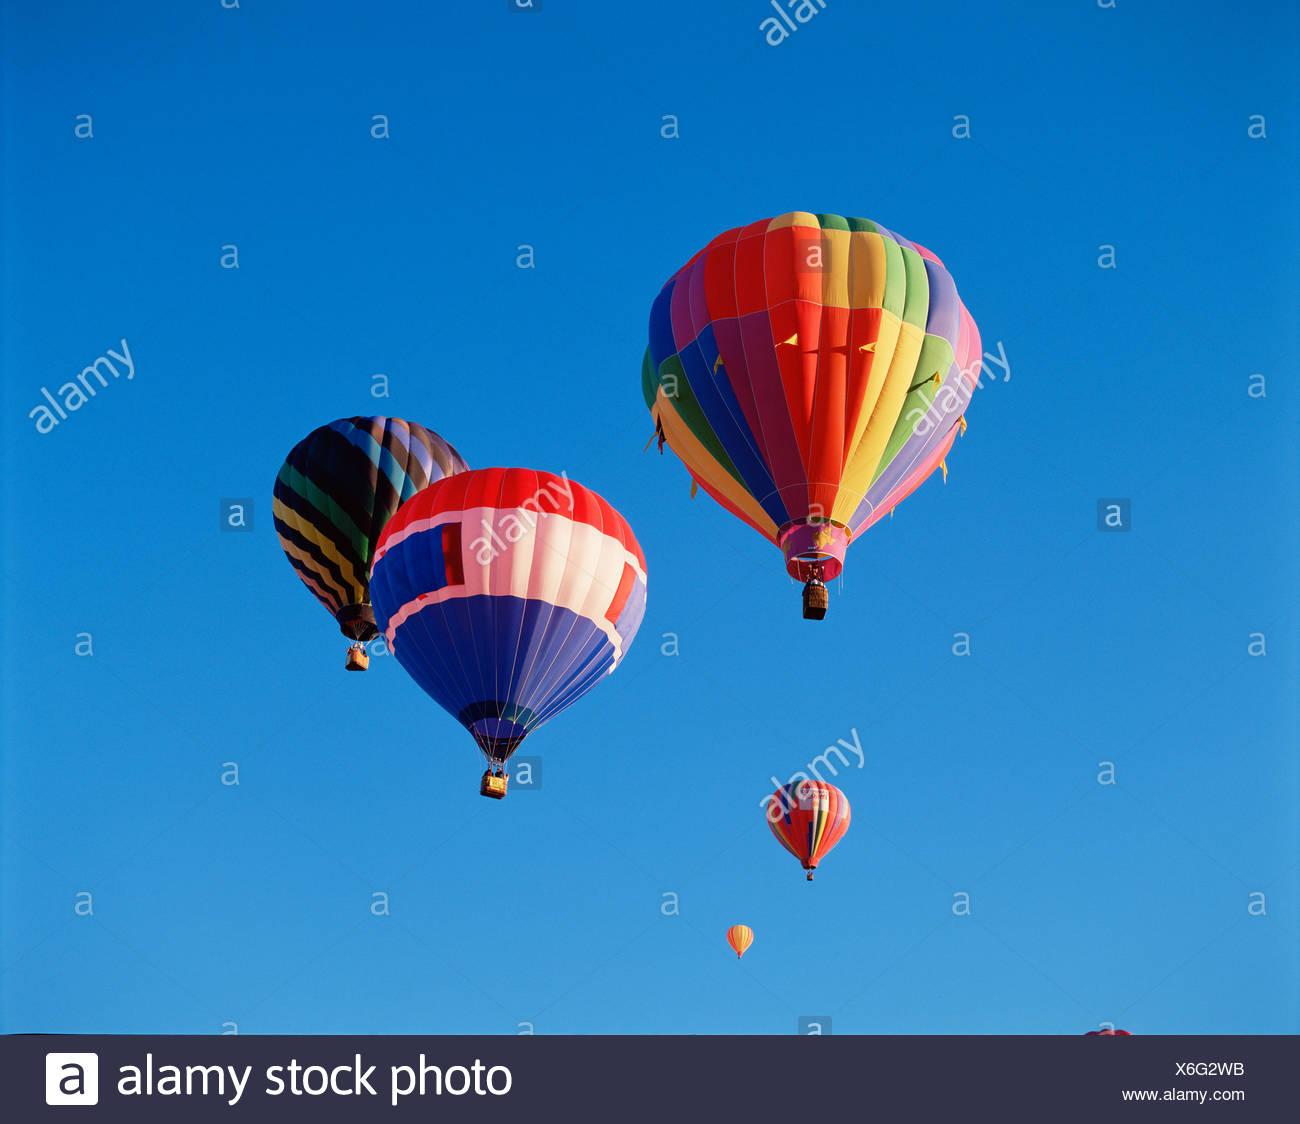 Palloni Ad Aria Calda.Angolo Basso Punto Di Vista I Palloni Ad Aria Calda In Volo Foto